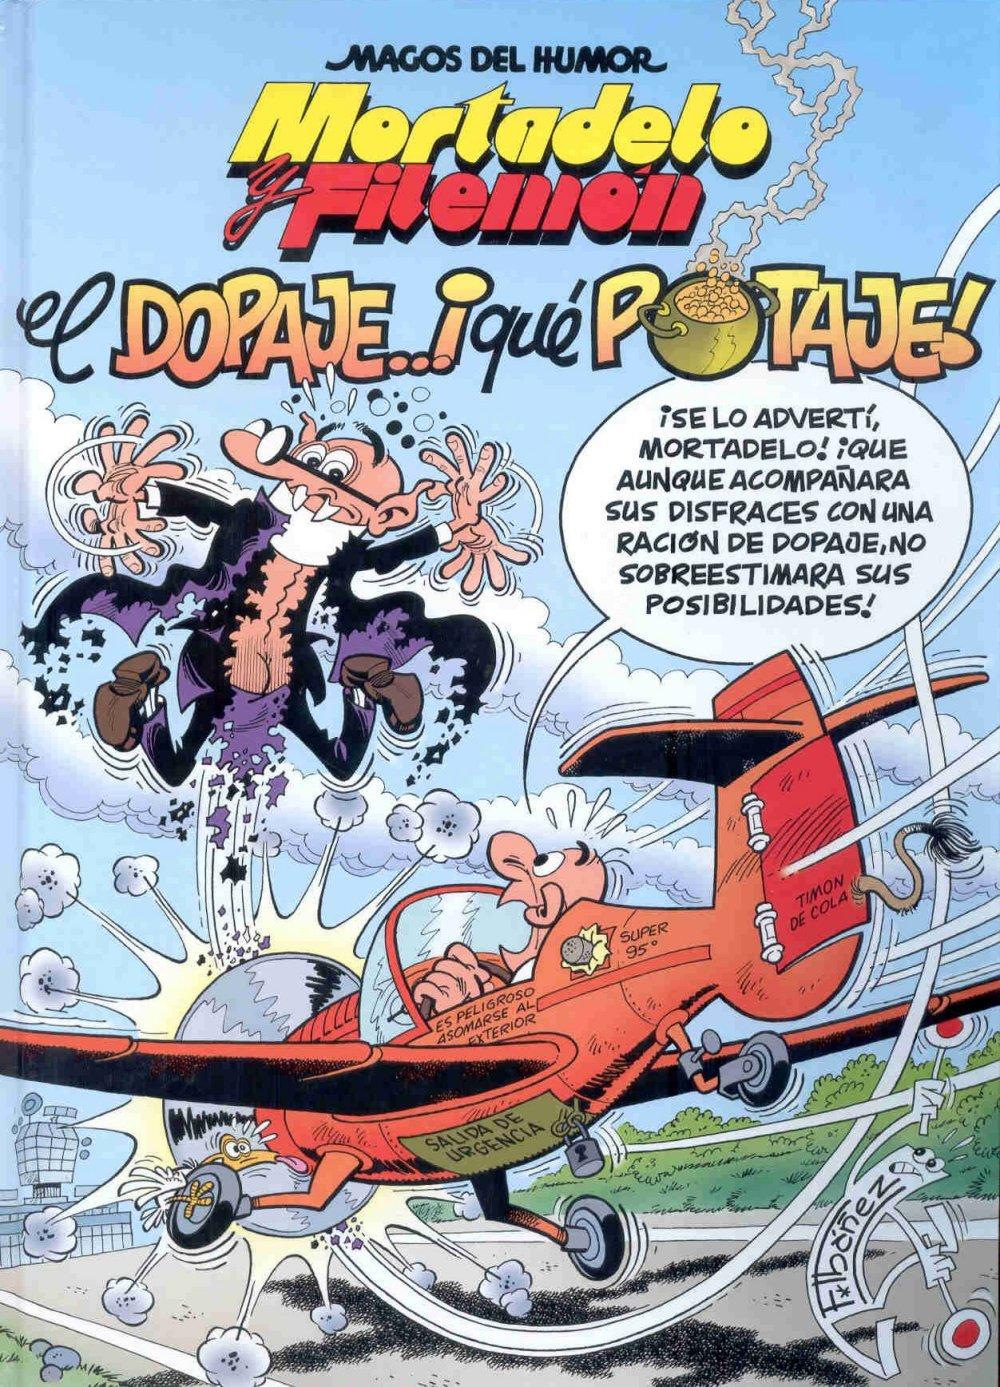 Los mejores chistes de Mortadelo: 162.- El dopaje... ¡Qué